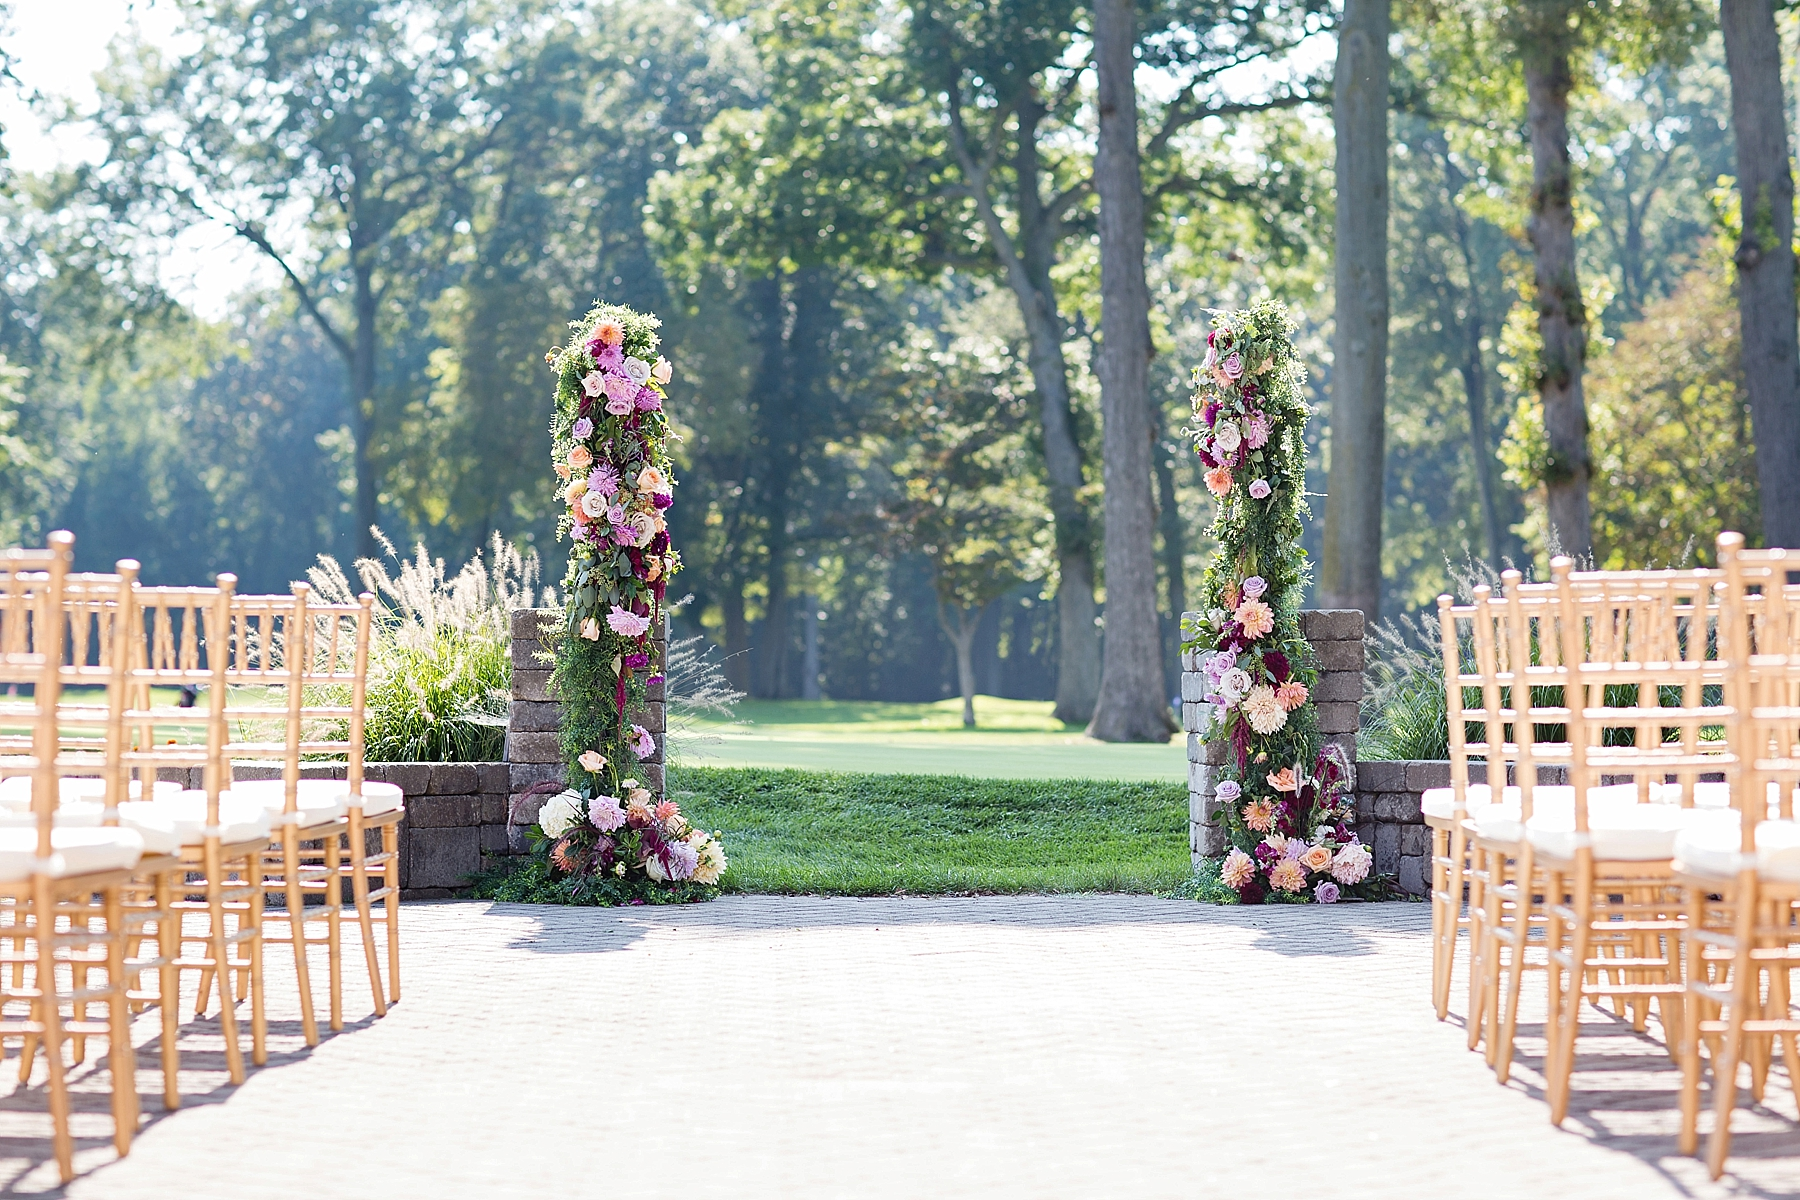 windsor-wedding-photographer-essex-golf-country-club-wedding-eryn-shea-photography_0020.jpg